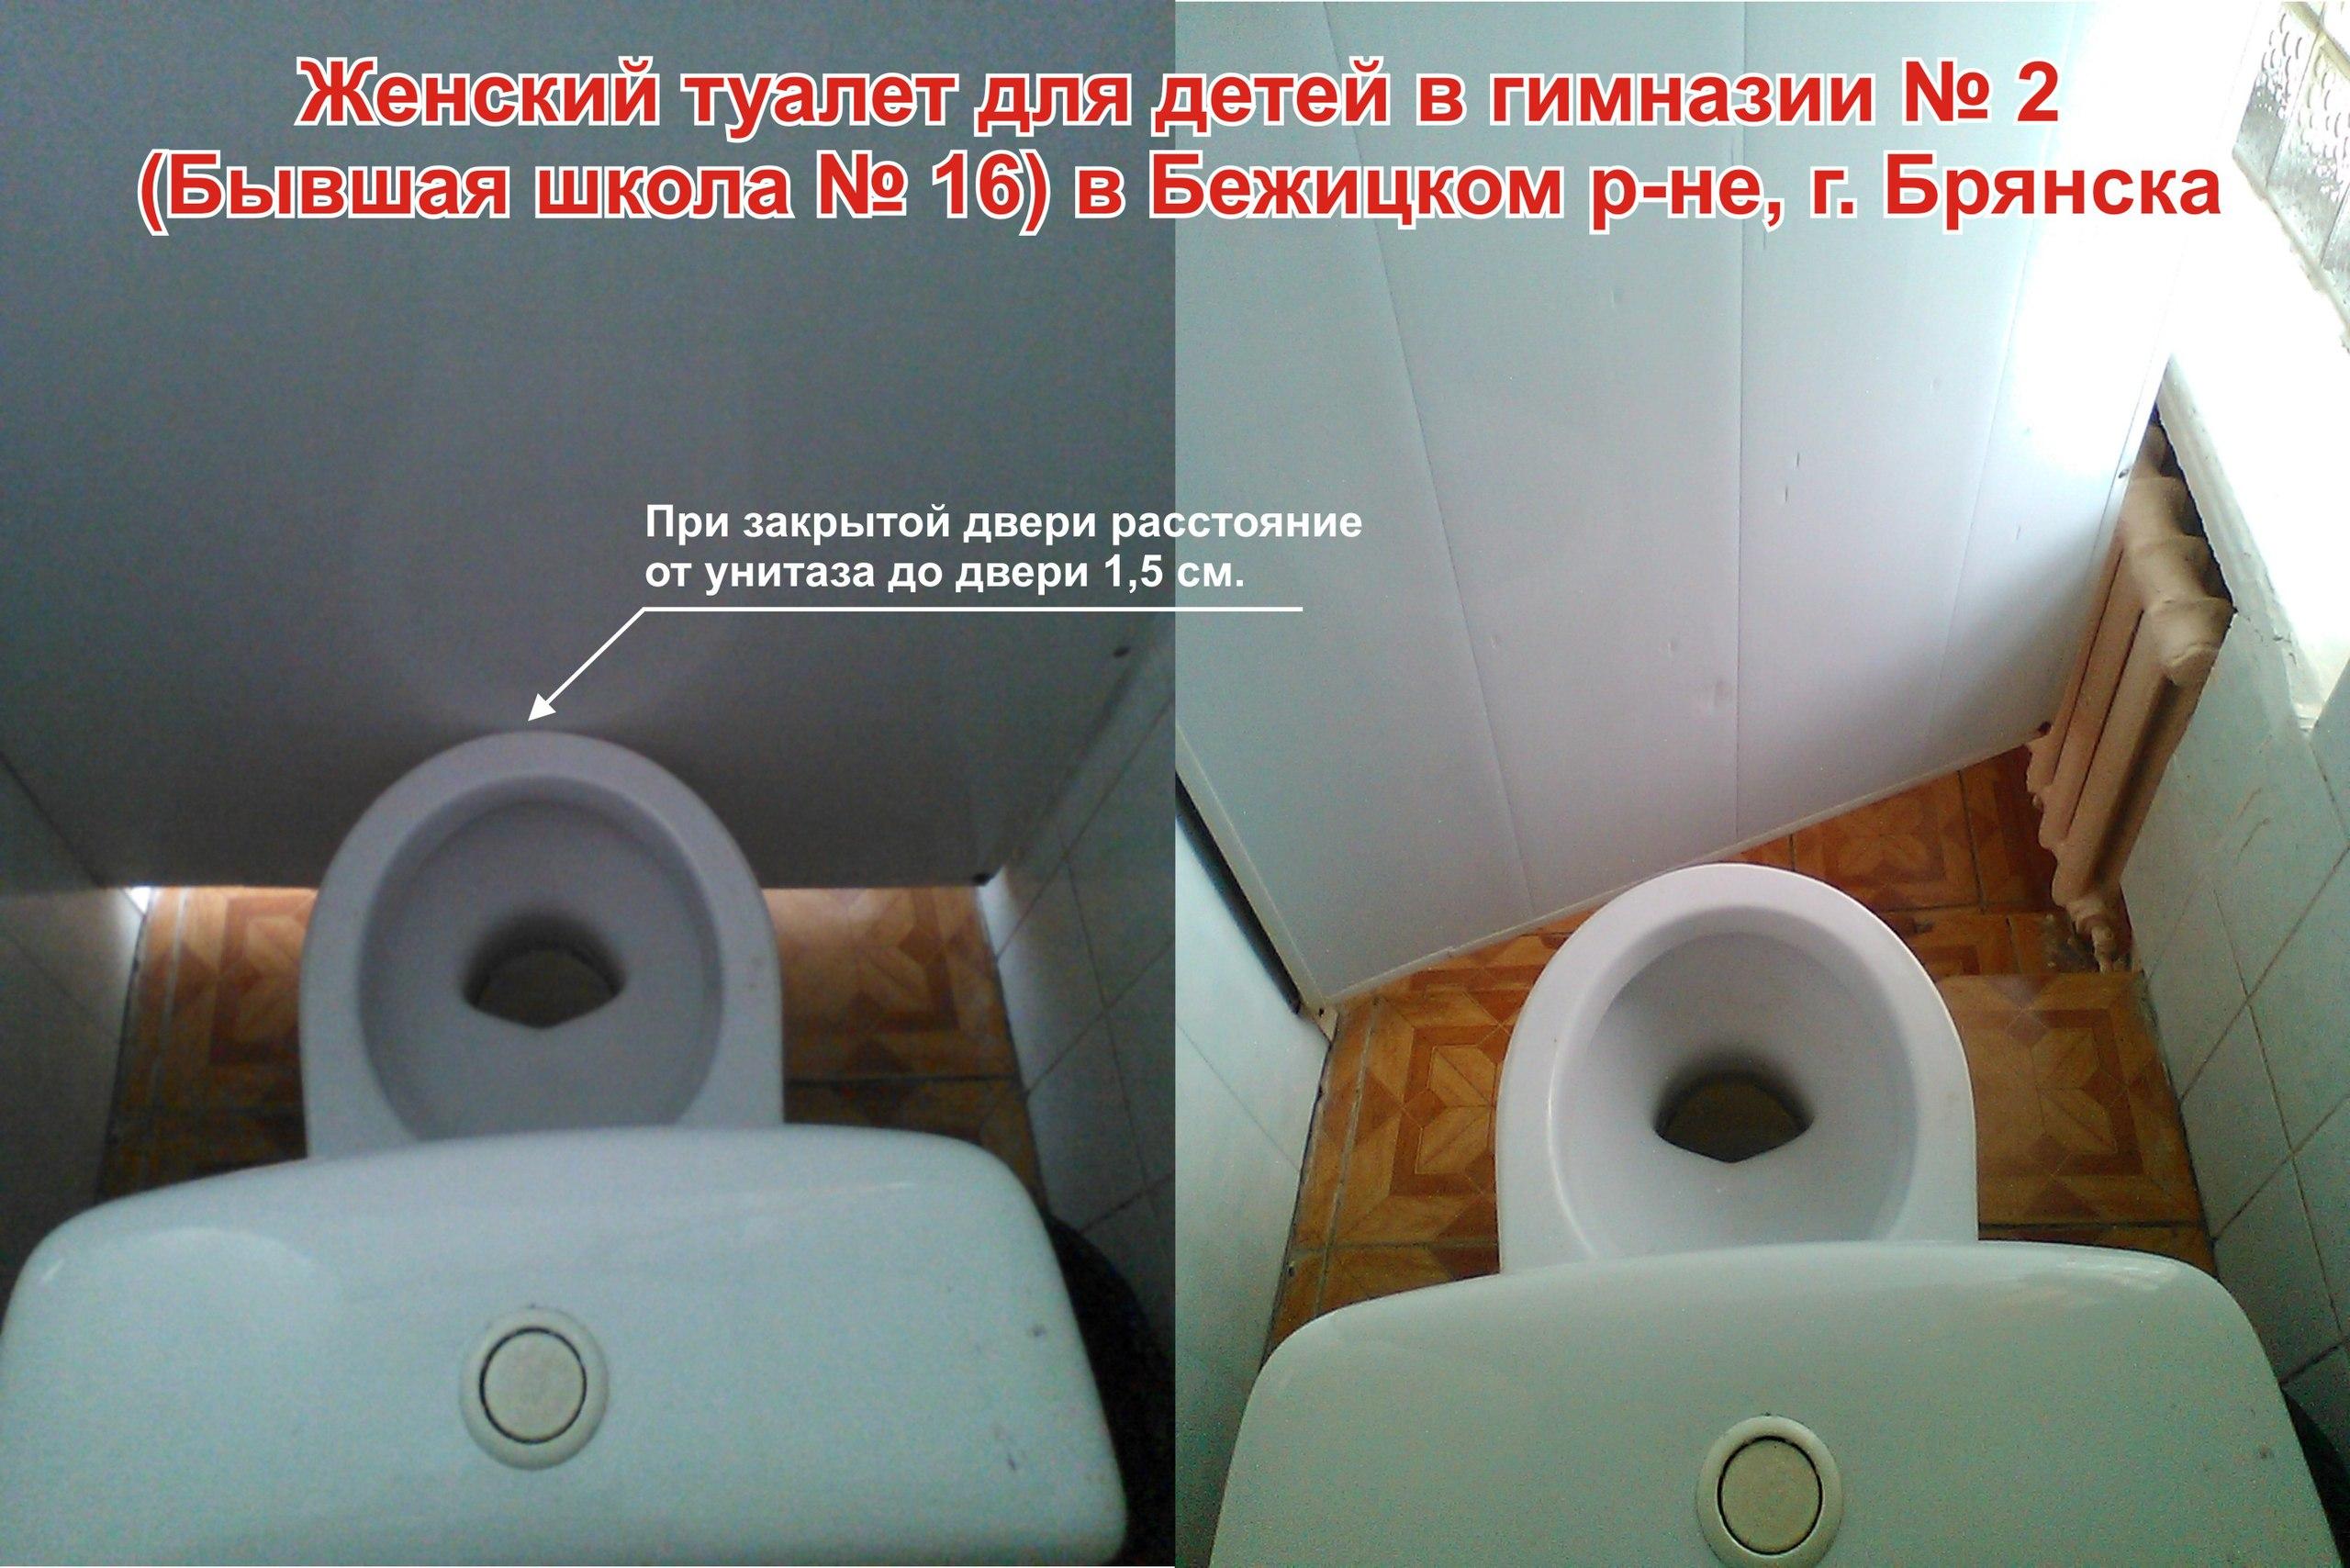 Скрытая видеокамера в туалете девочки